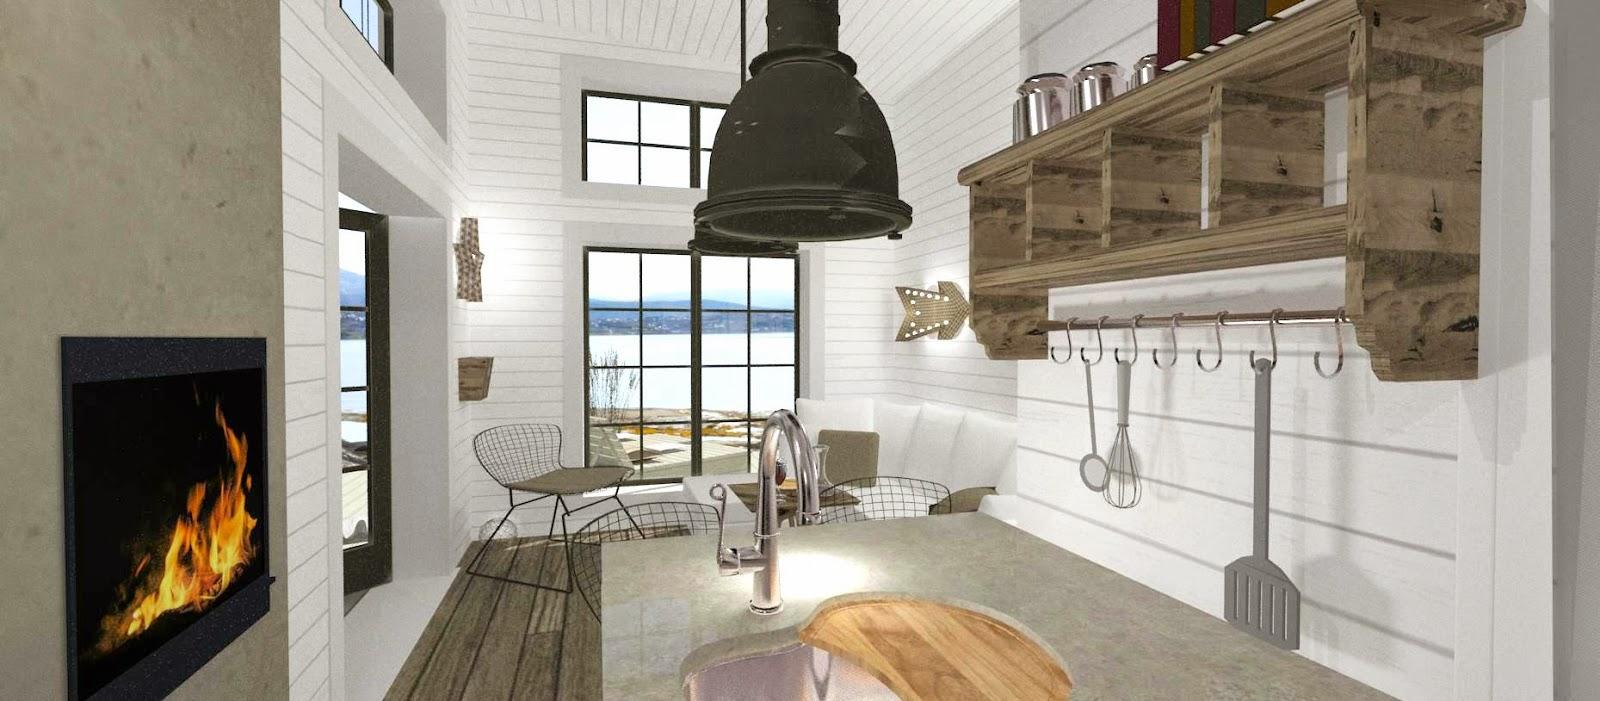 Dreams & coffees arkitekt  och projektblogg: februari 2015